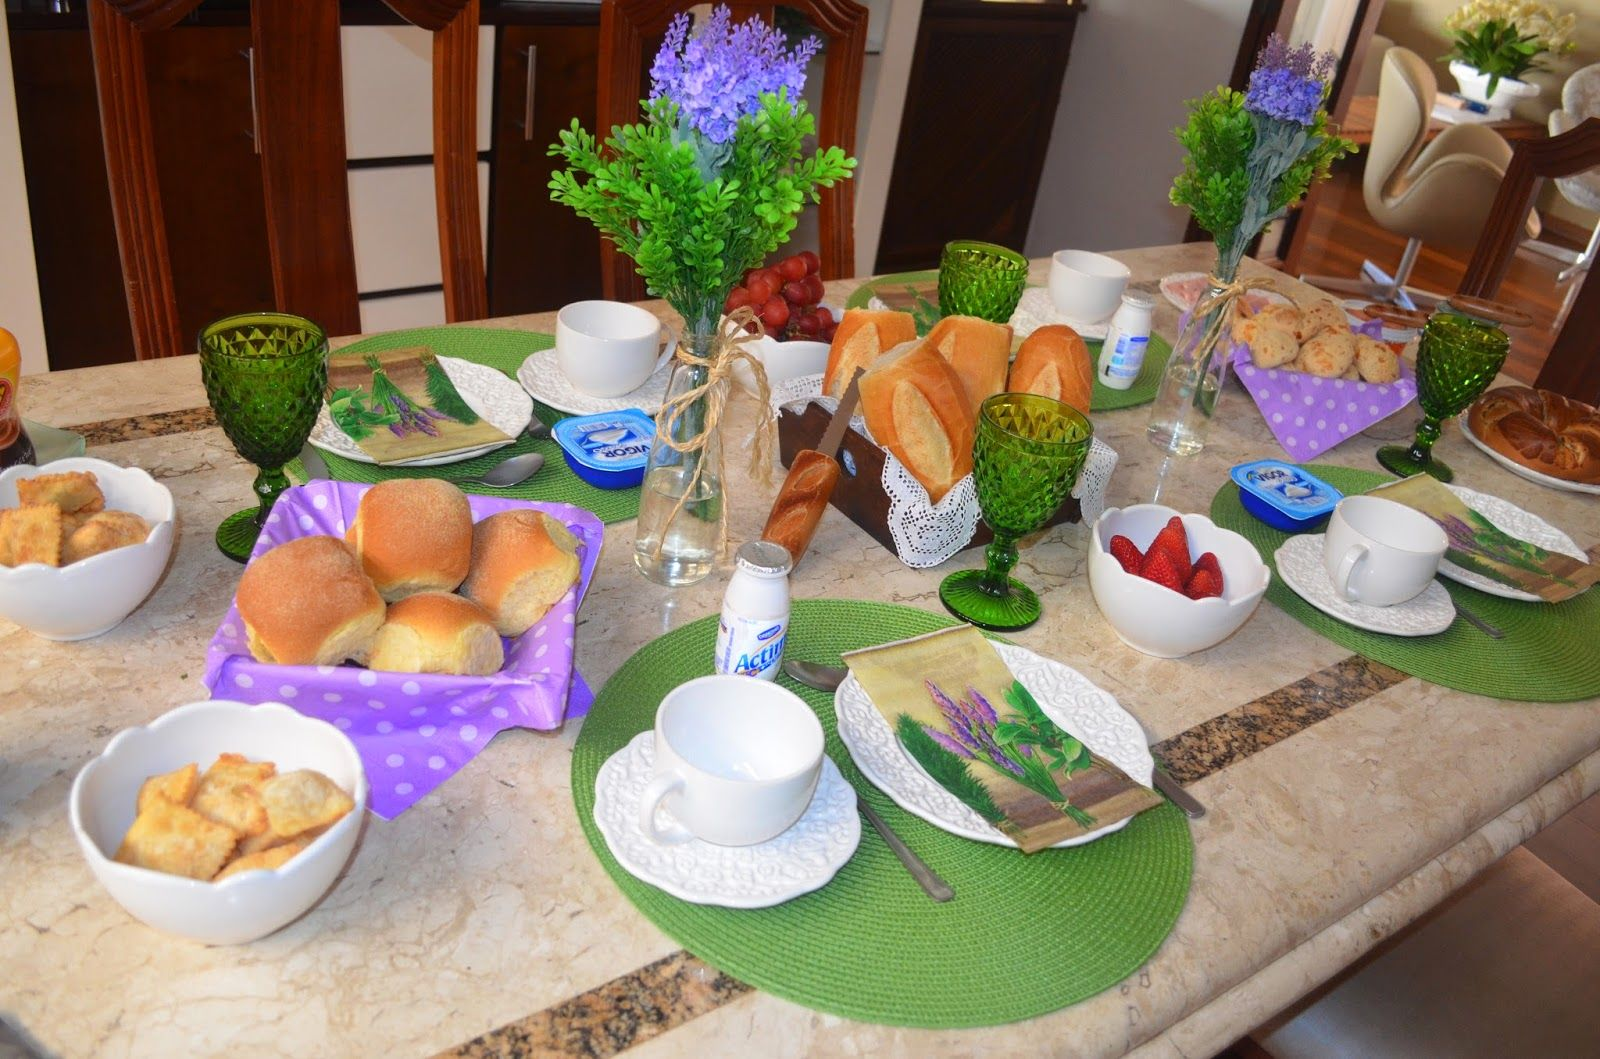 Inspiração: Dicas para preparar um café da manhã especial